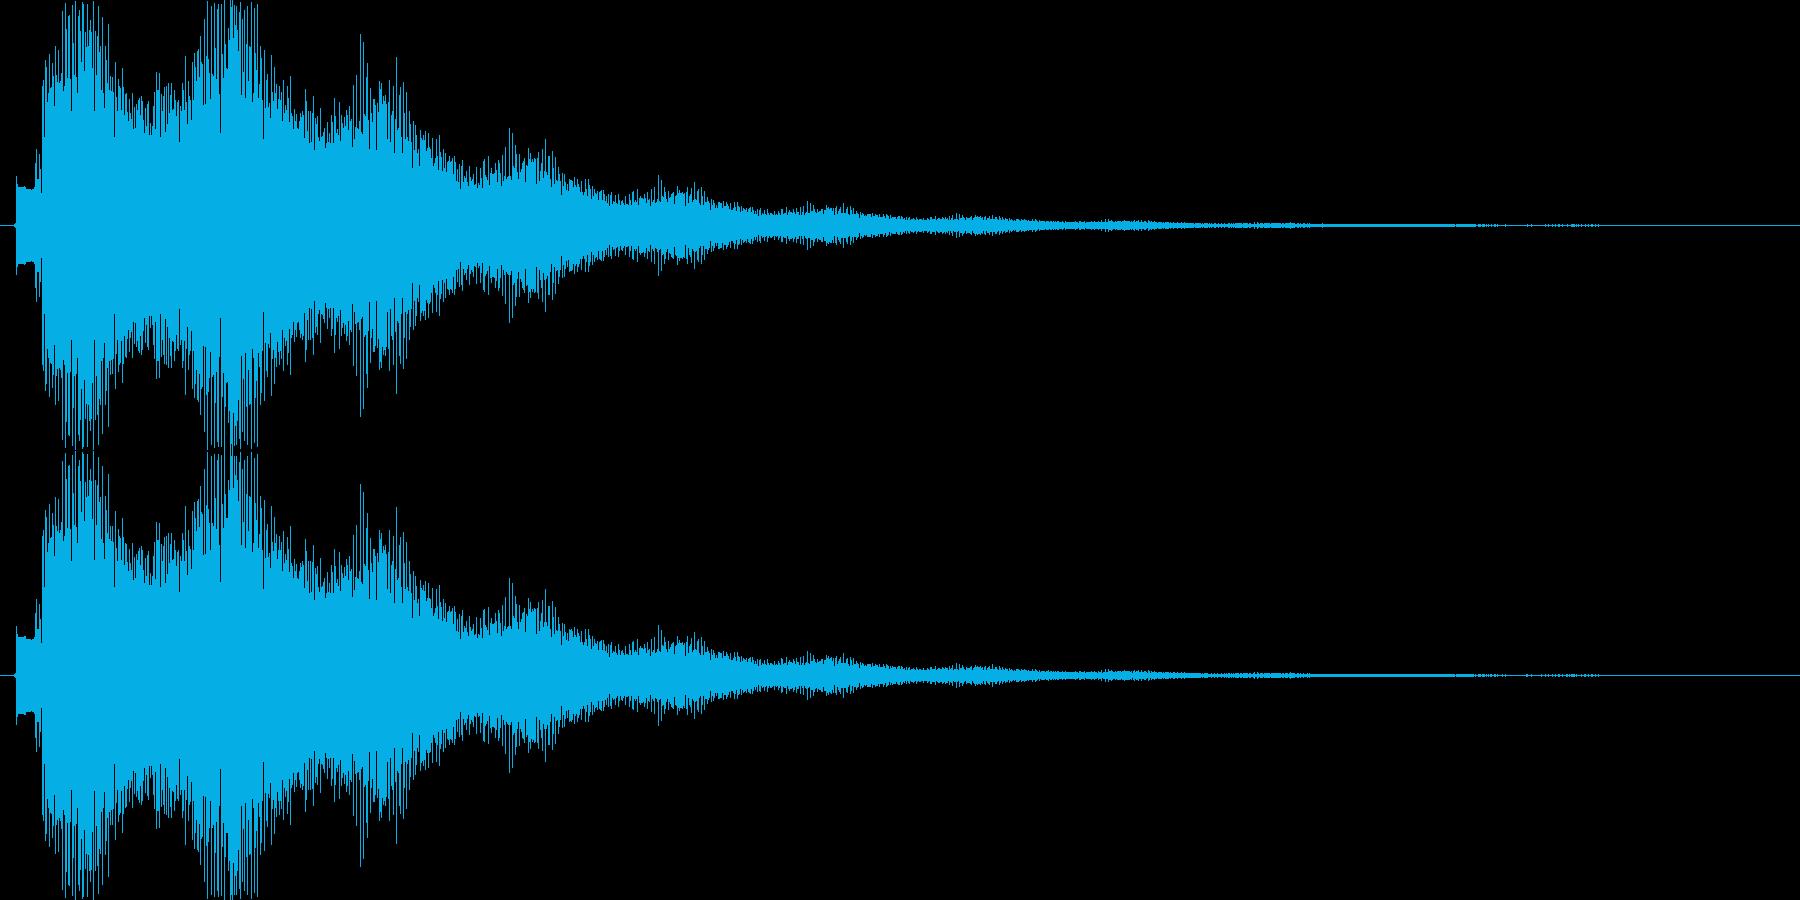 キラーンキラーン…(キラキラ、決定音)の再生済みの波形